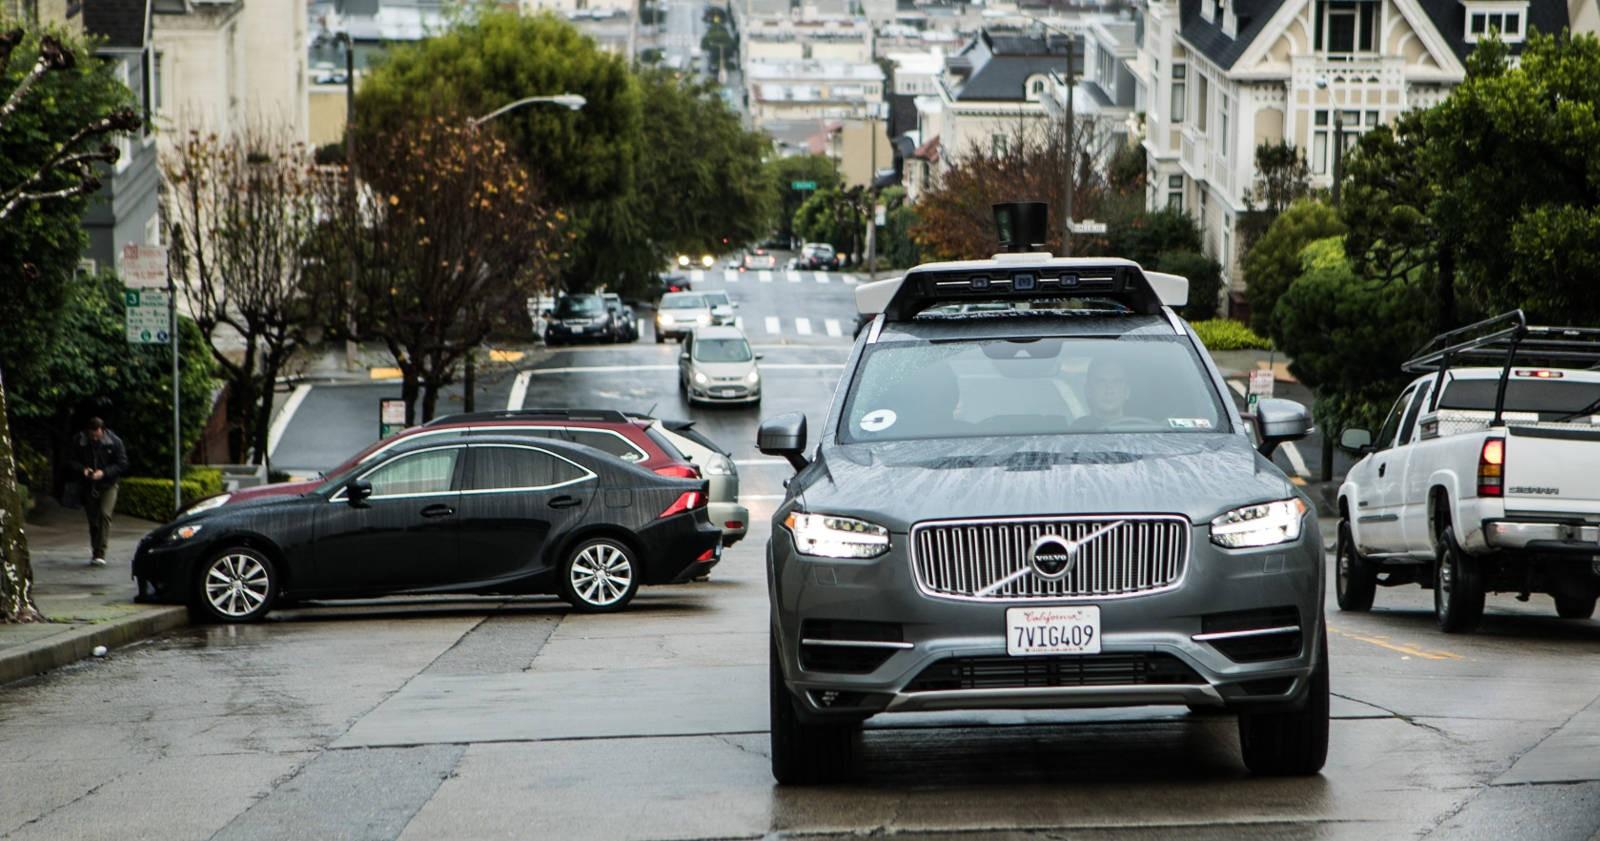 Автономные автомобили не «замечают» красный сигнал светофора 1